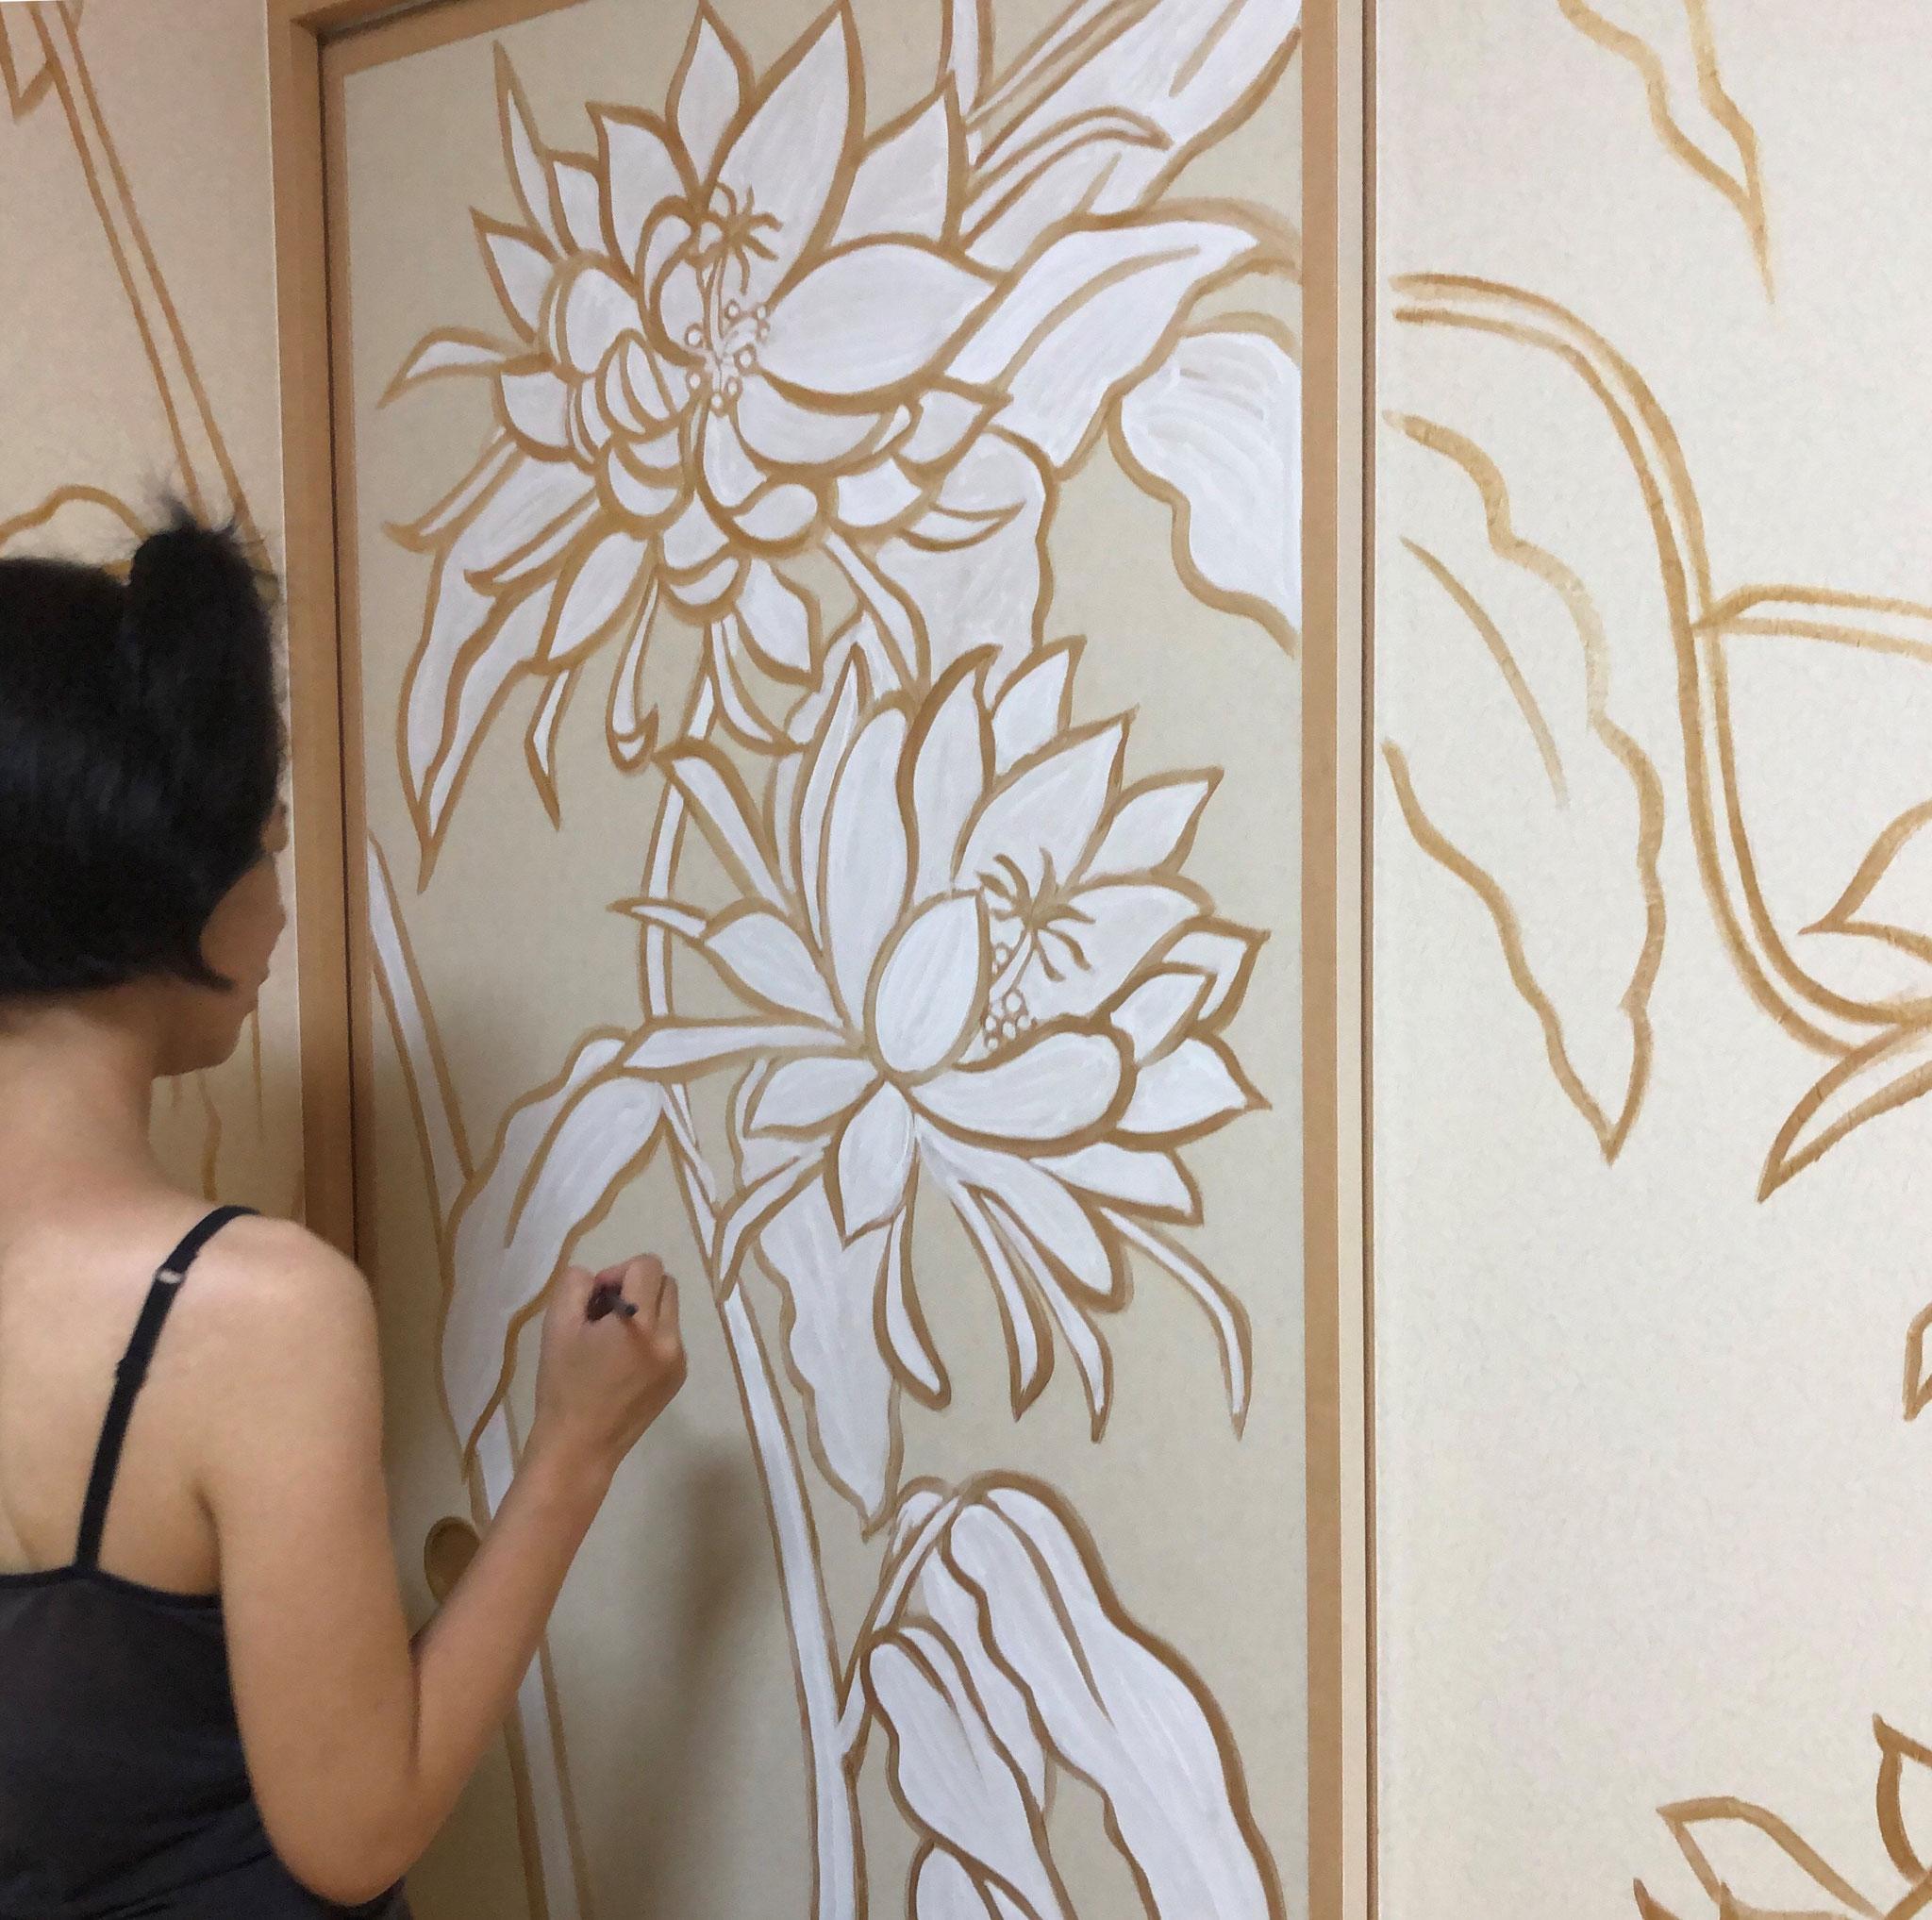 和室を華やかに彩るアート制作